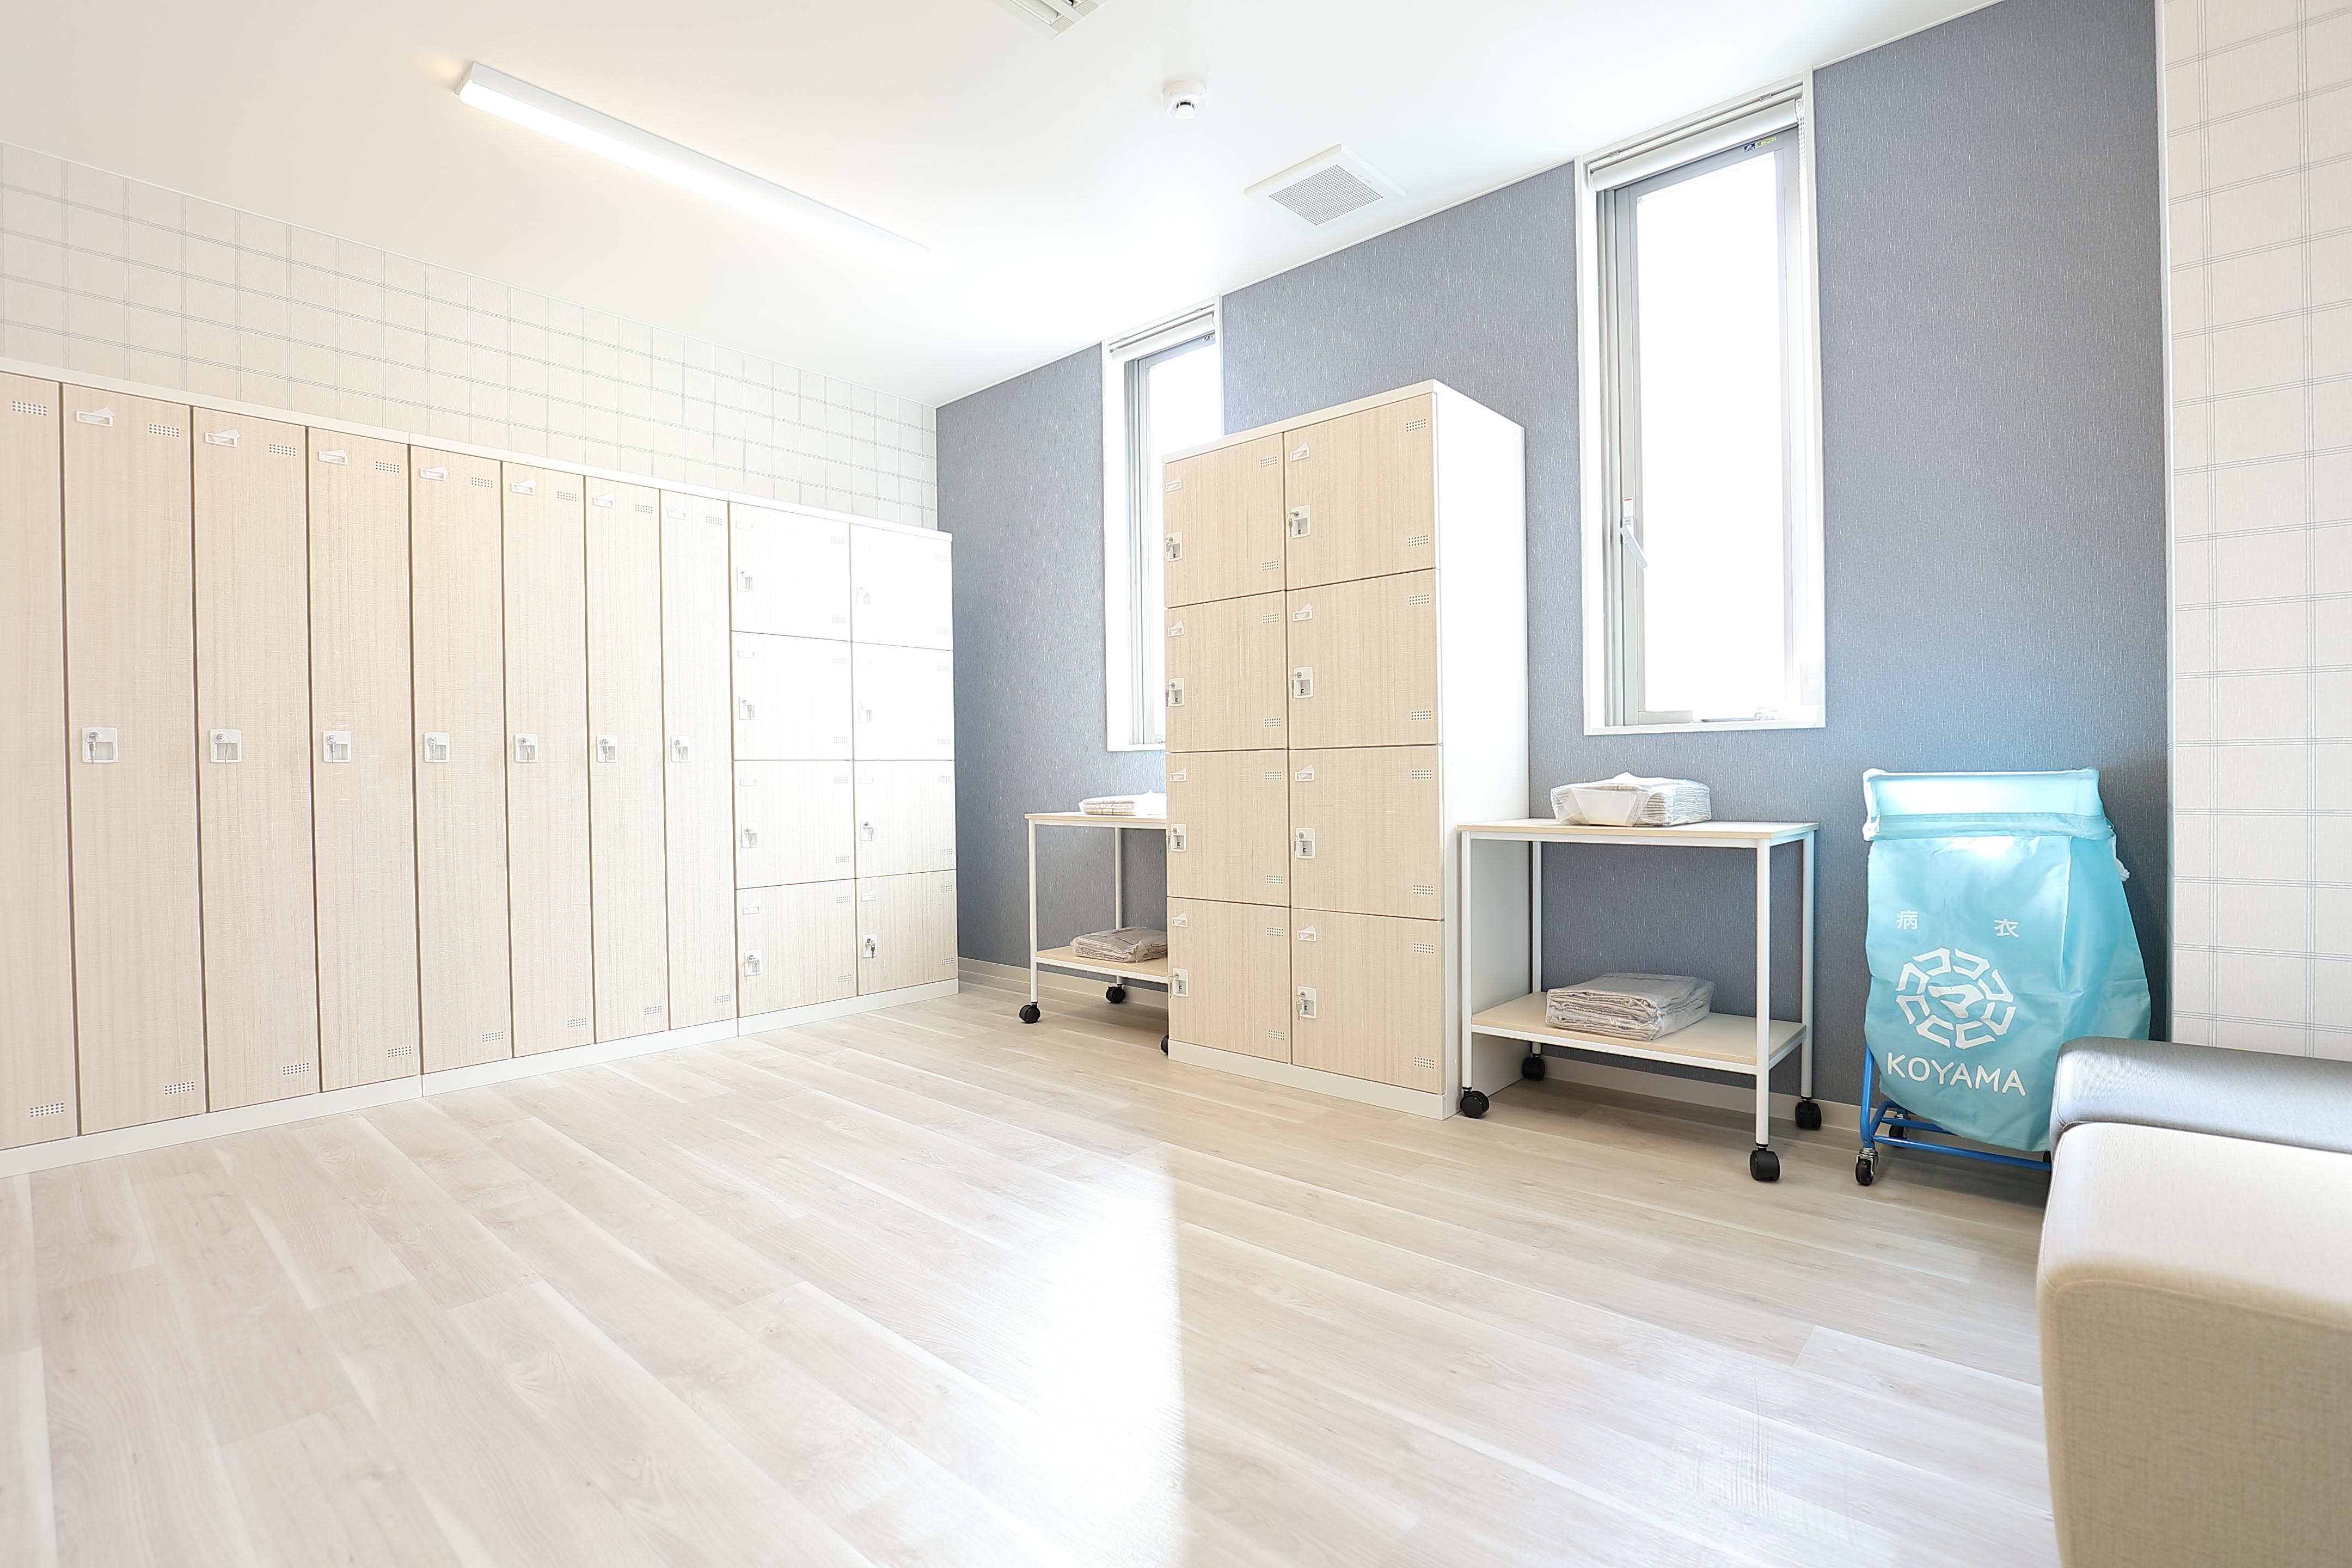 透析患者様用の更衣室